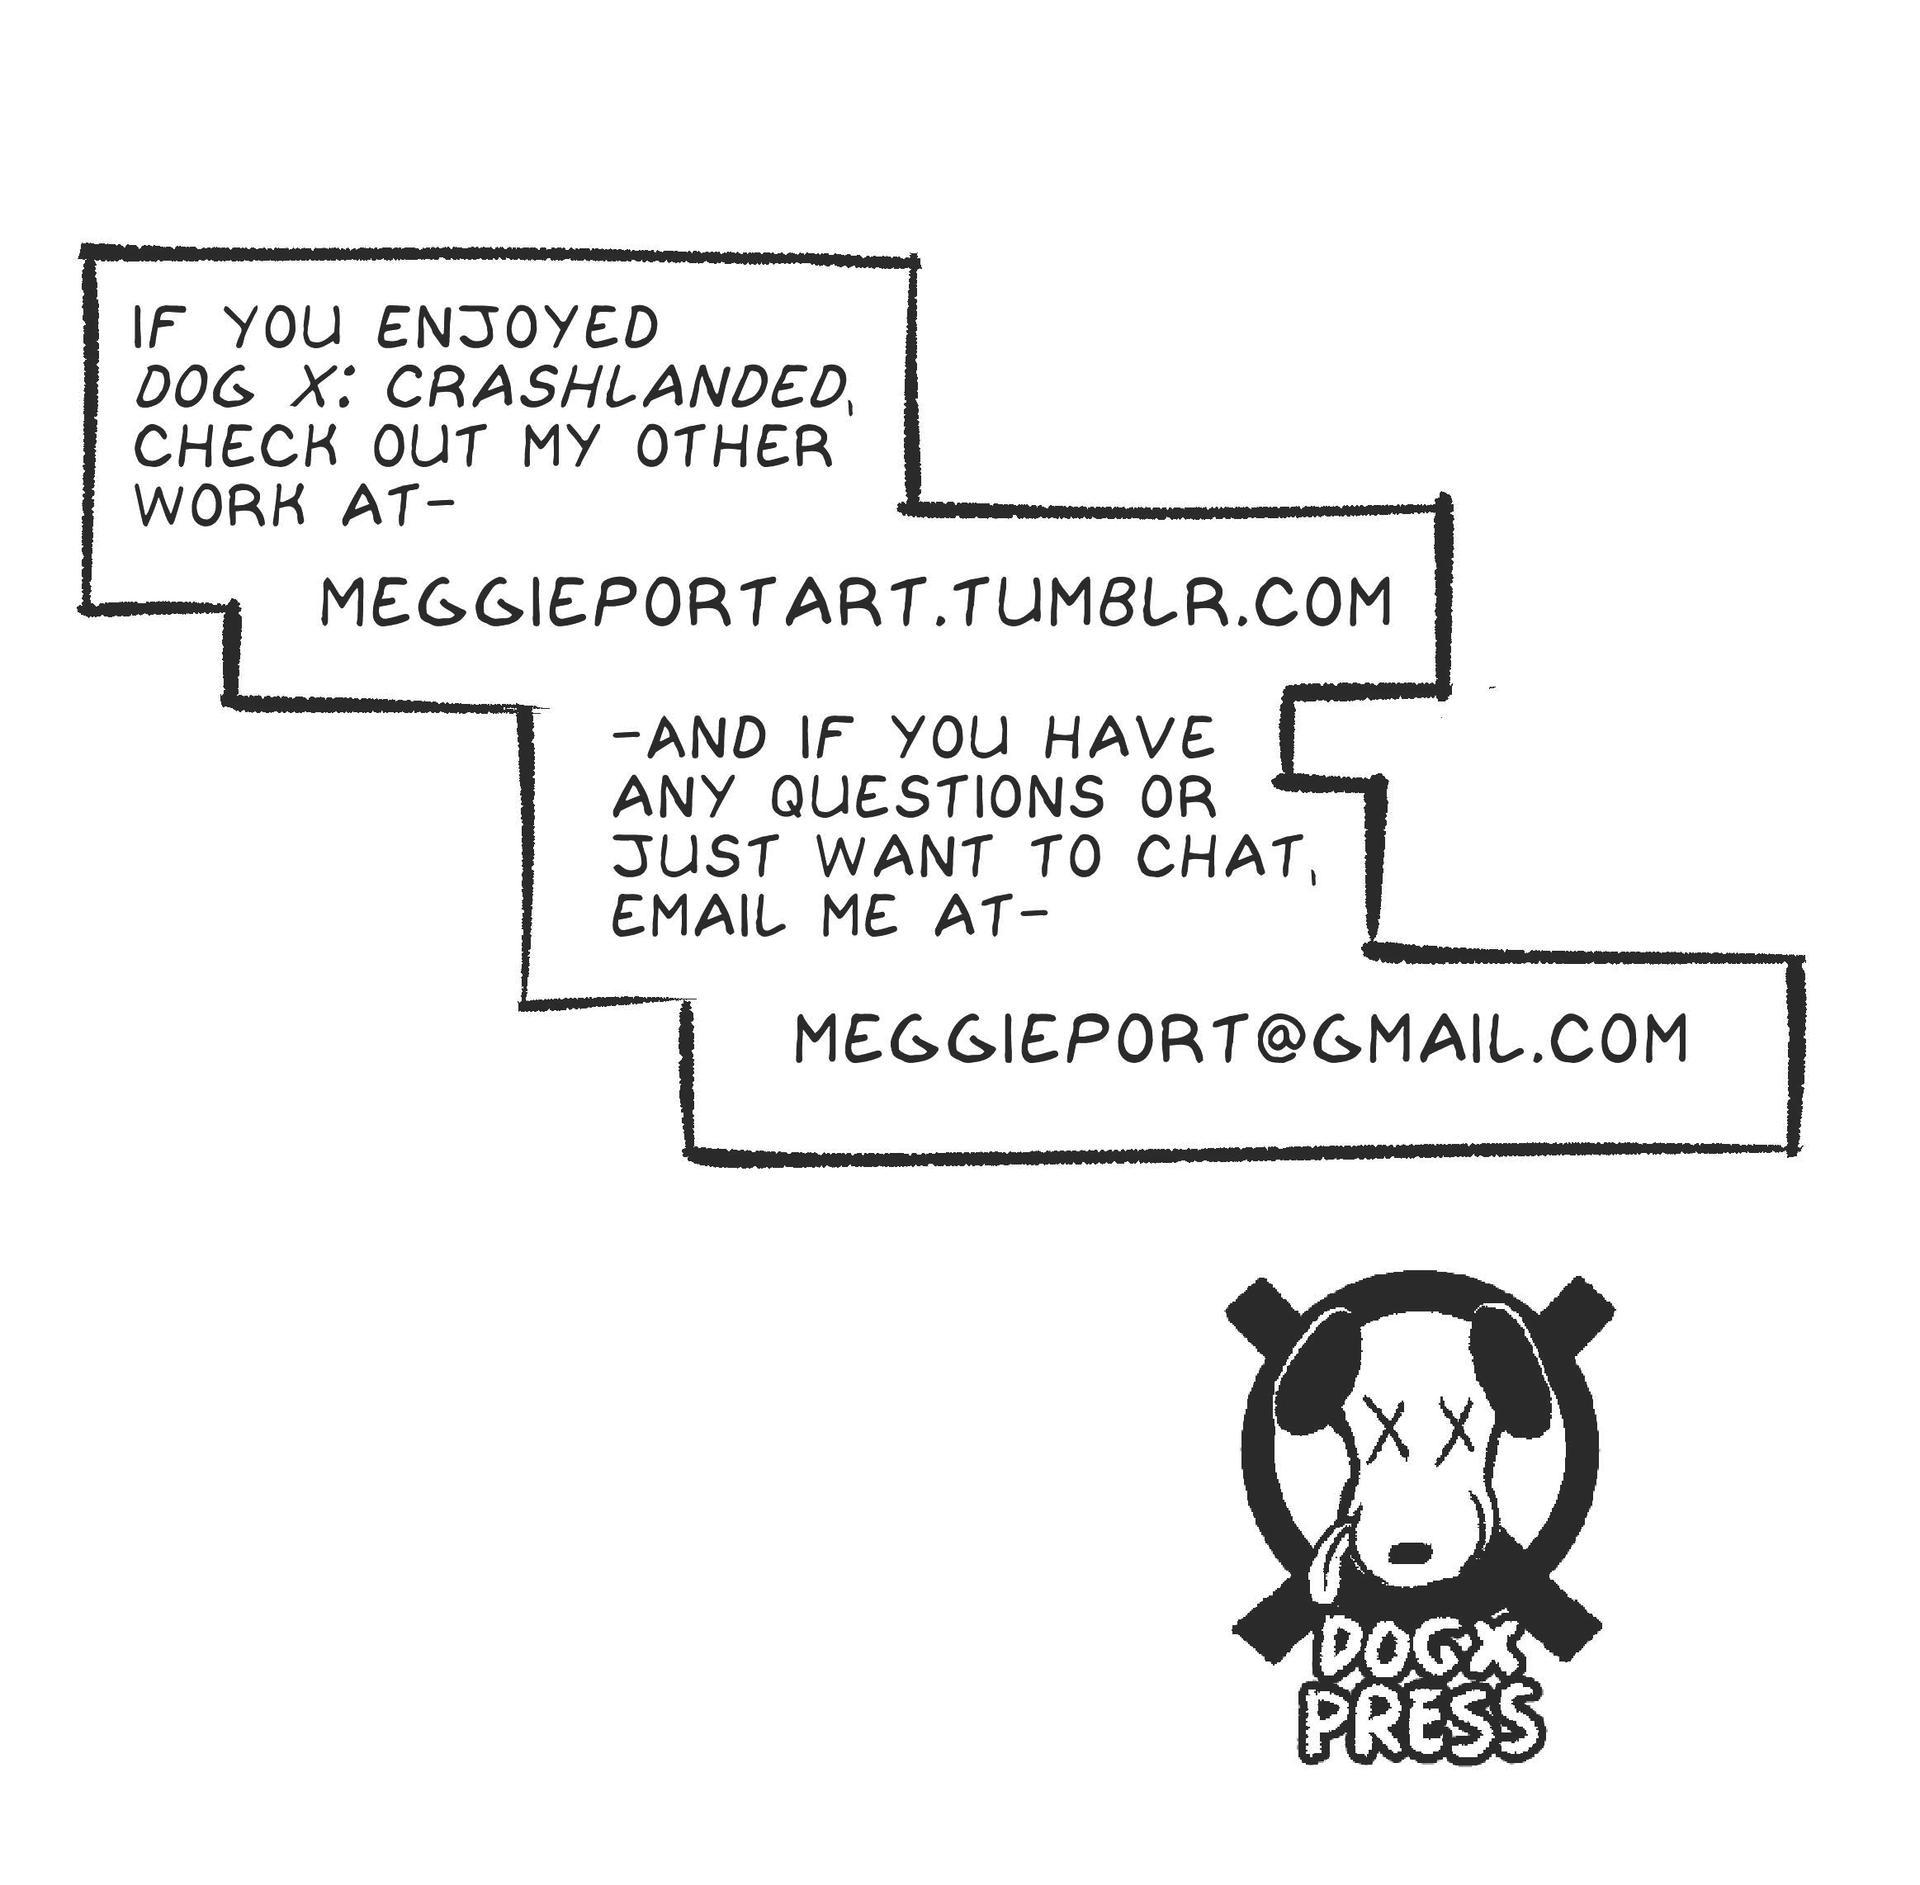 DOGXCRASHLANDED_Page_11.png